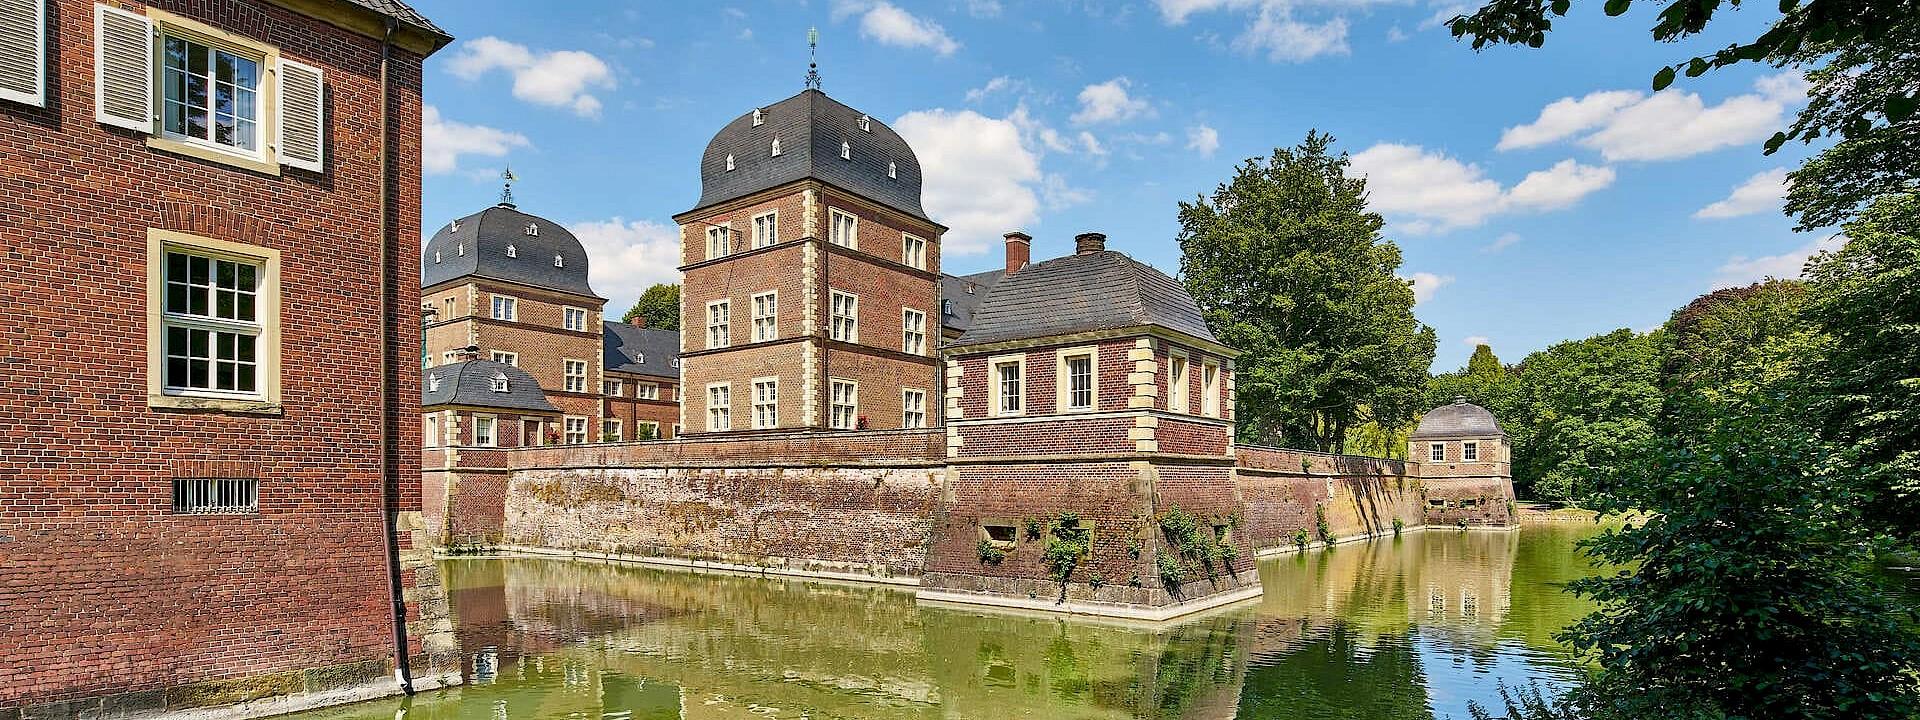 Wahrzeichen im Herzen der Stadt Schloss Ahaus